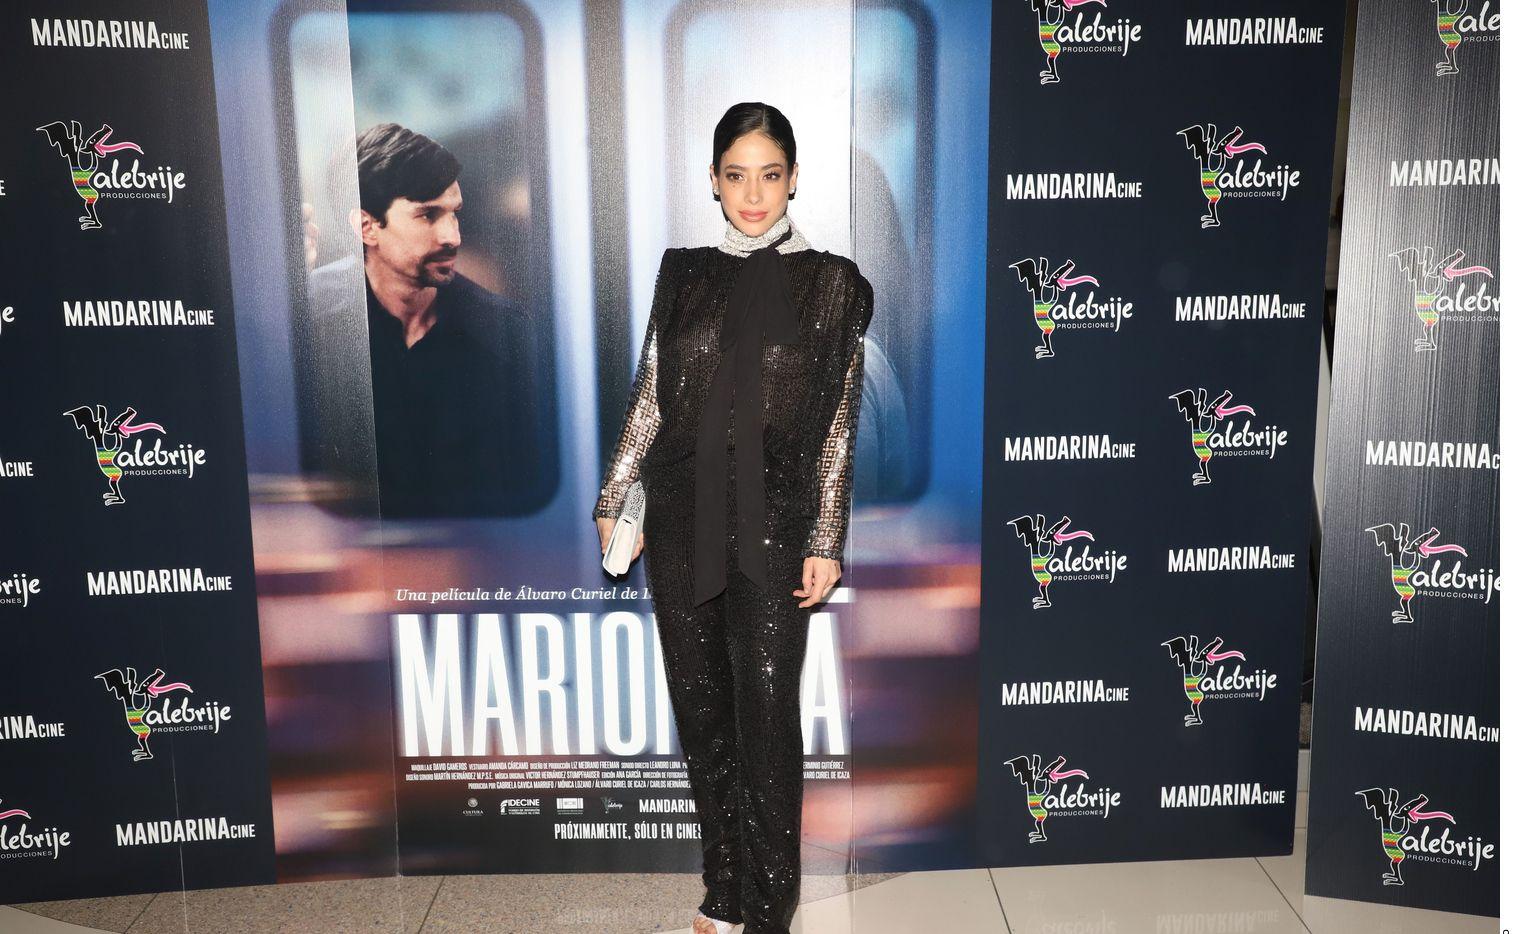 La actriz Fatima Molina, conocida por 'Falco' (2019) y 'Diablero' (2018) ya ha participado en otros melodramas como 'La Doña' (2017) y 'Tres Milagros' (2018).